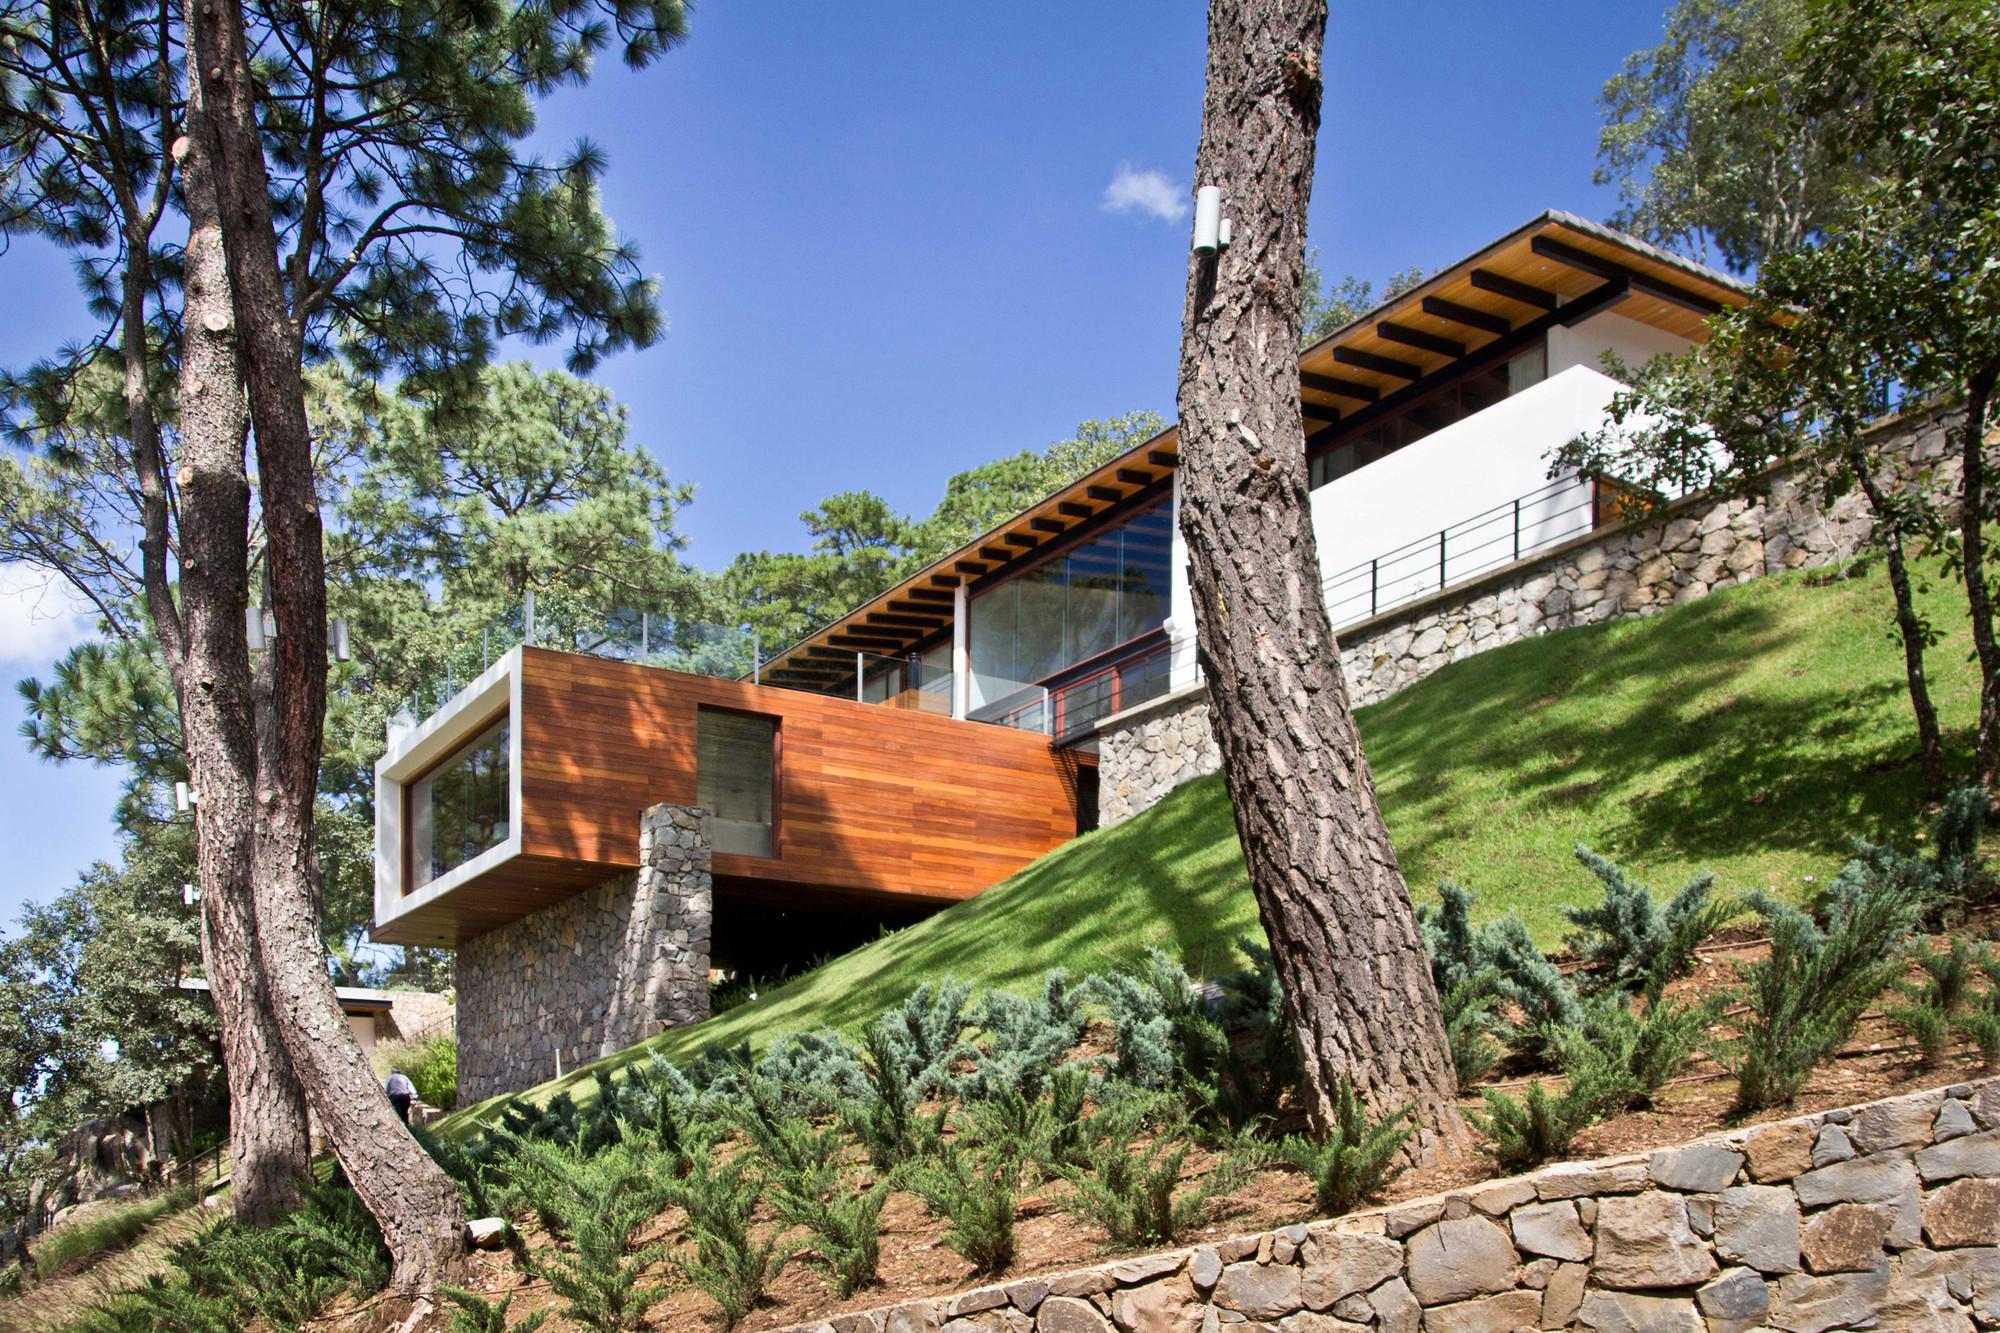 Casa En El Bosque Espacio Ema Archdaily M Xico